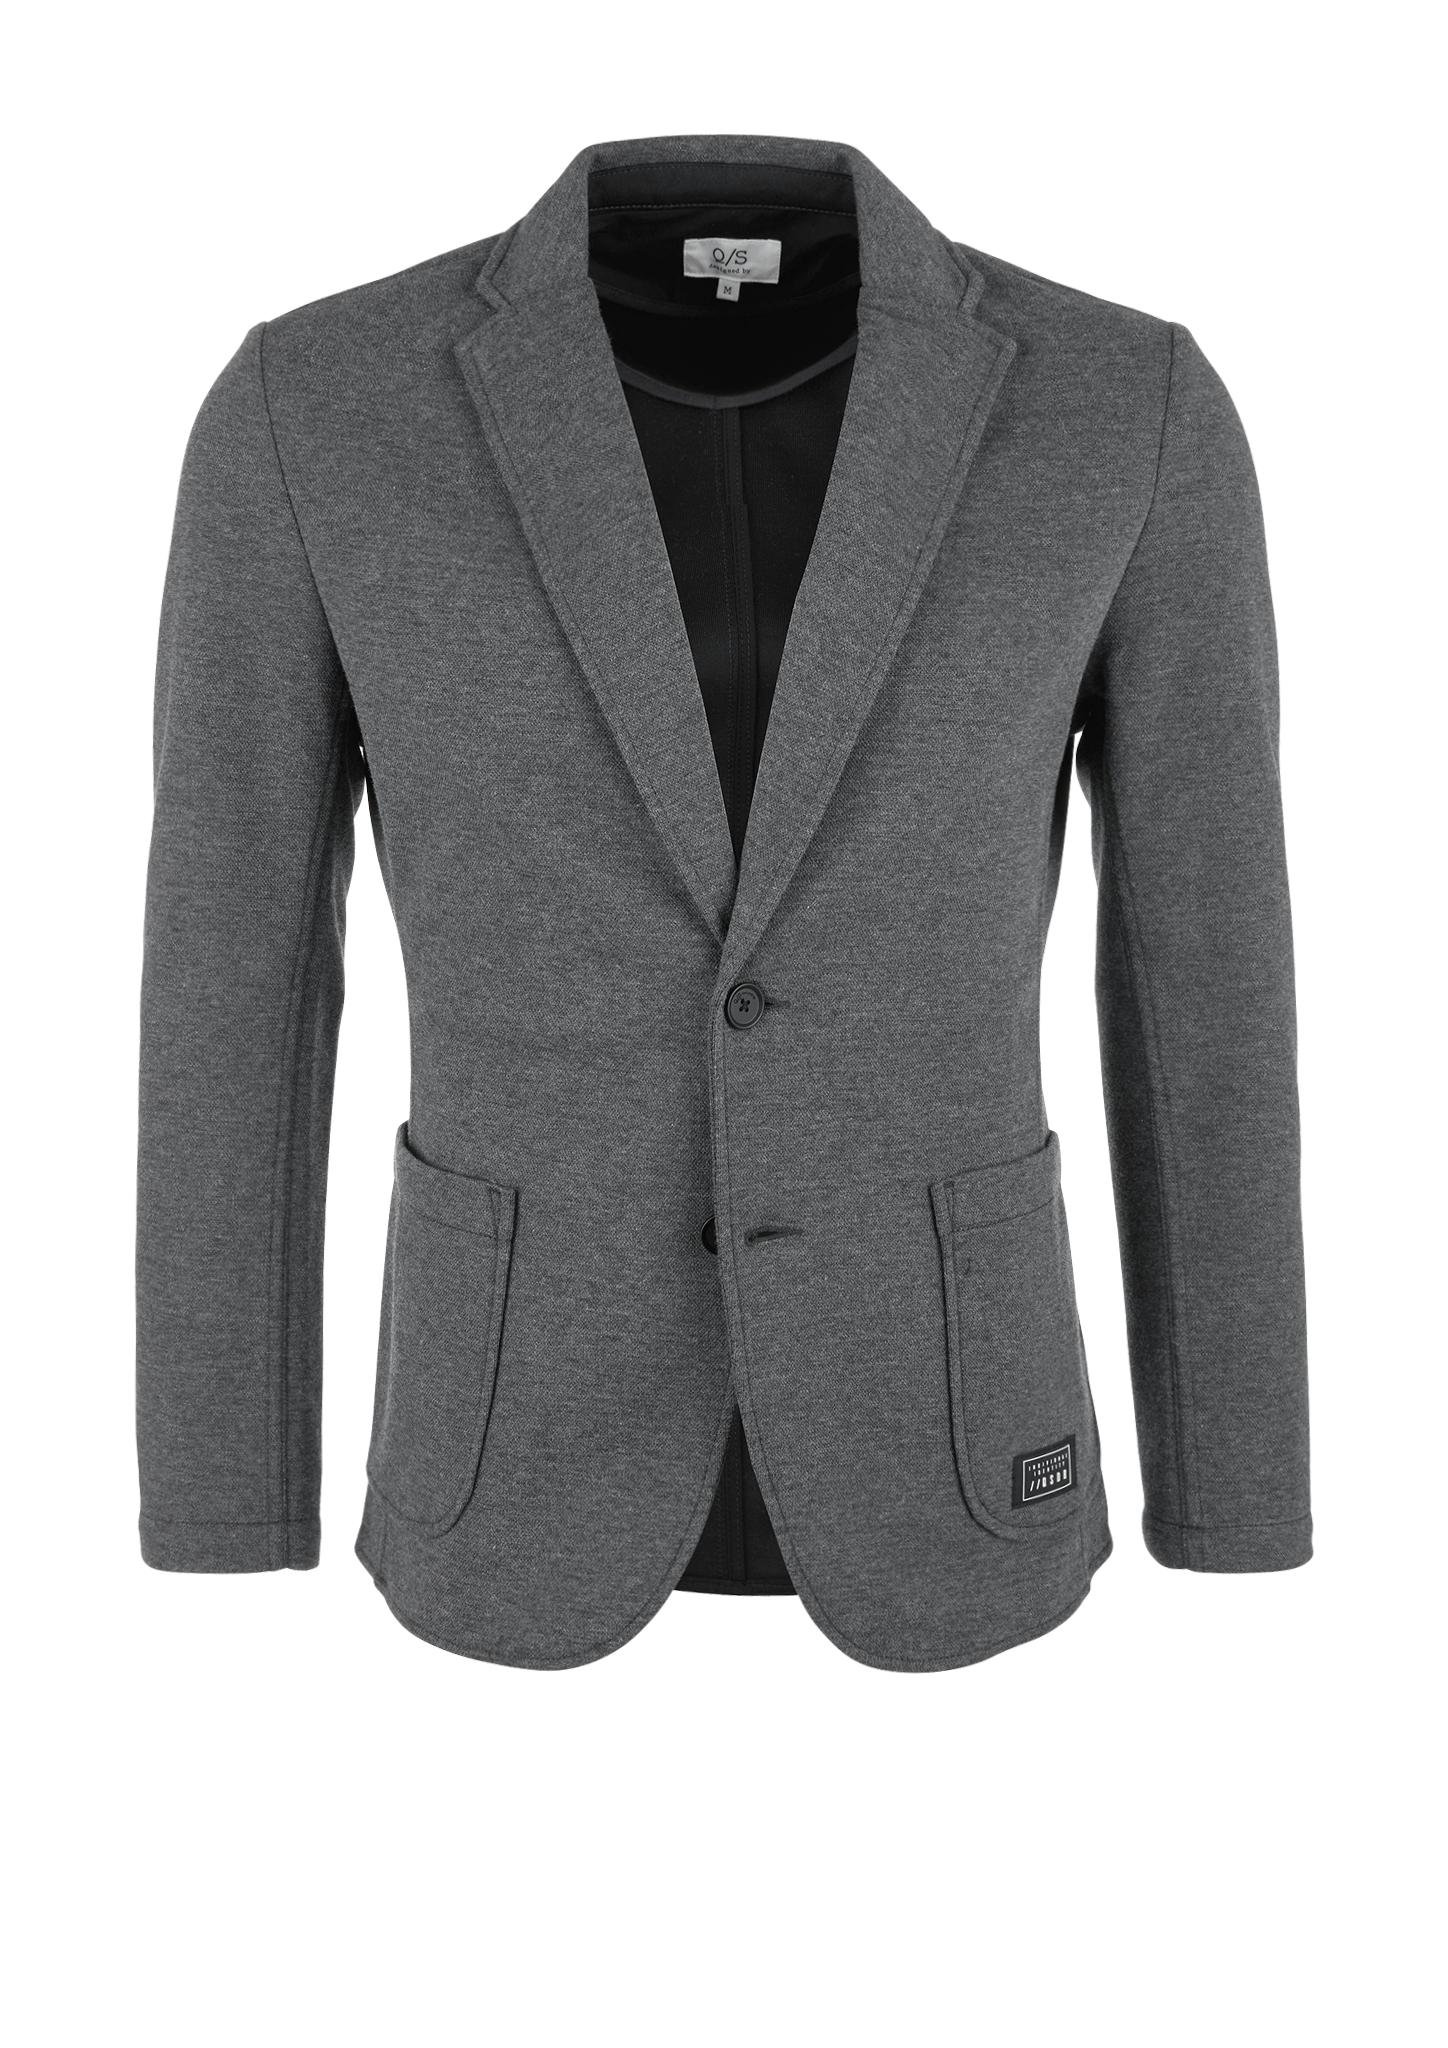 Sweat-Blazer | Bekleidung > Sakkos > Sonstige Sakkos | Grau/schwarz | Obermaterial 76% polyester -  24% baumwolle| futter 65% polyester -  35% baumwolle | Q/S designed by